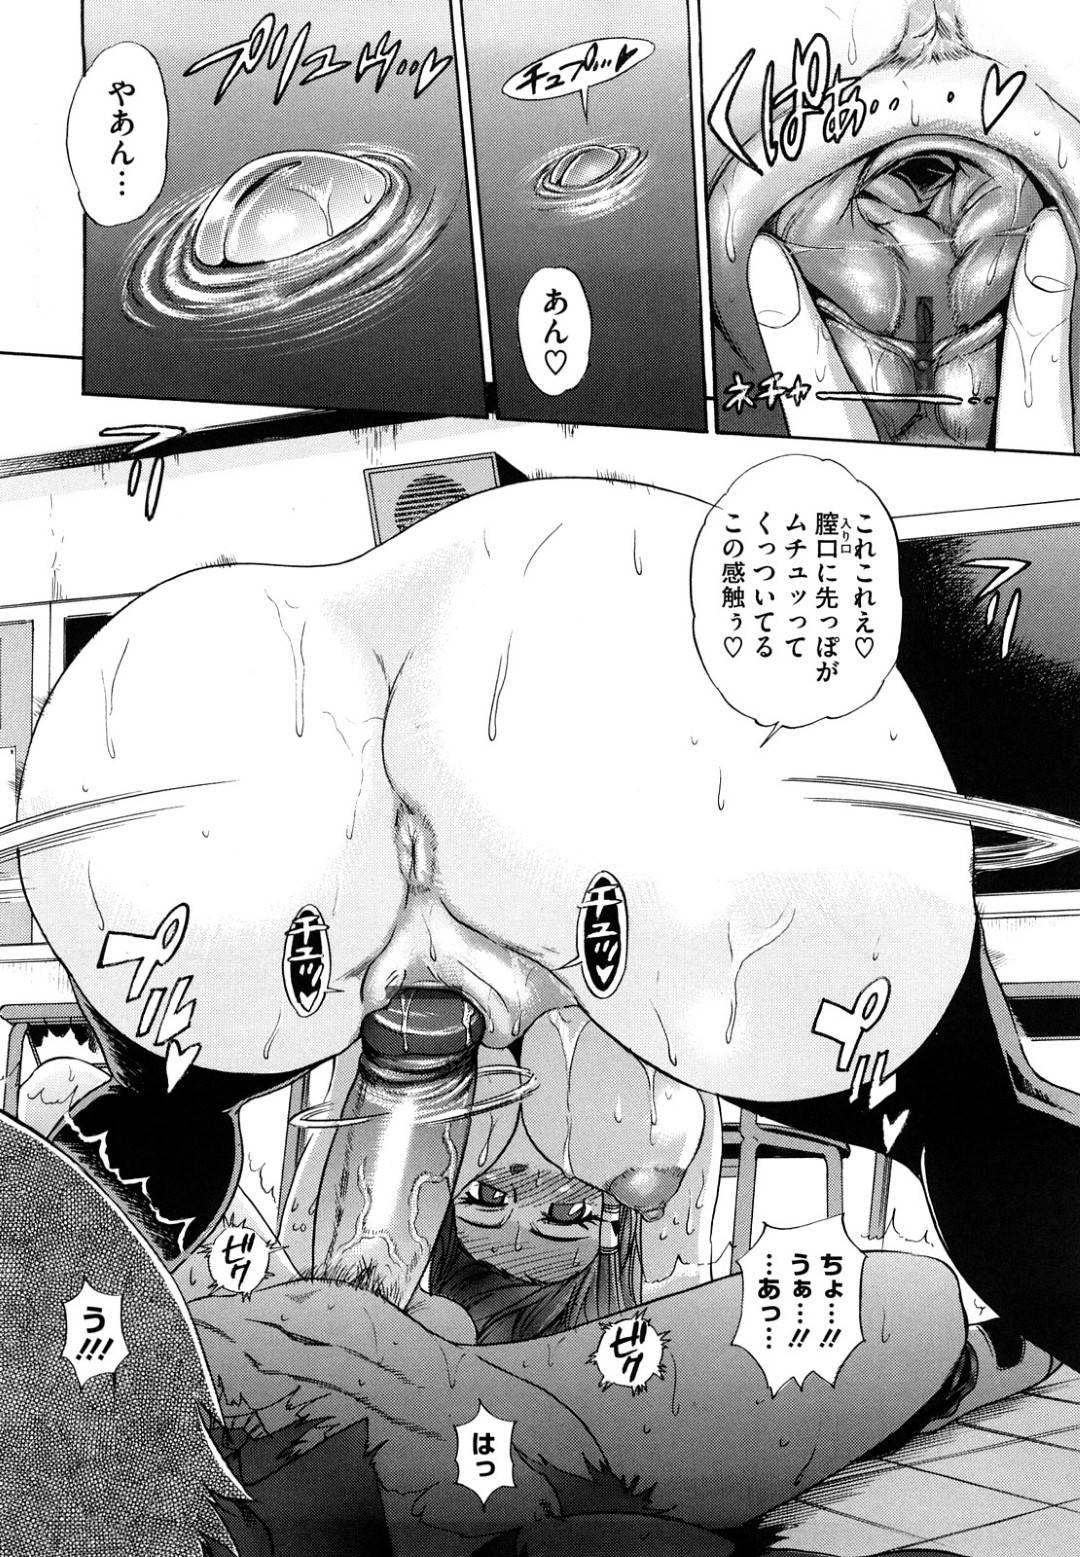 【エロ漫画】生徒会の仕事が忙しすぎて欲求不満が爆発し、無理やり彼氏を逆レイプして搾精する美少女生徒会長JK。【DISTANCE/HHH トリプルエッチ#4】